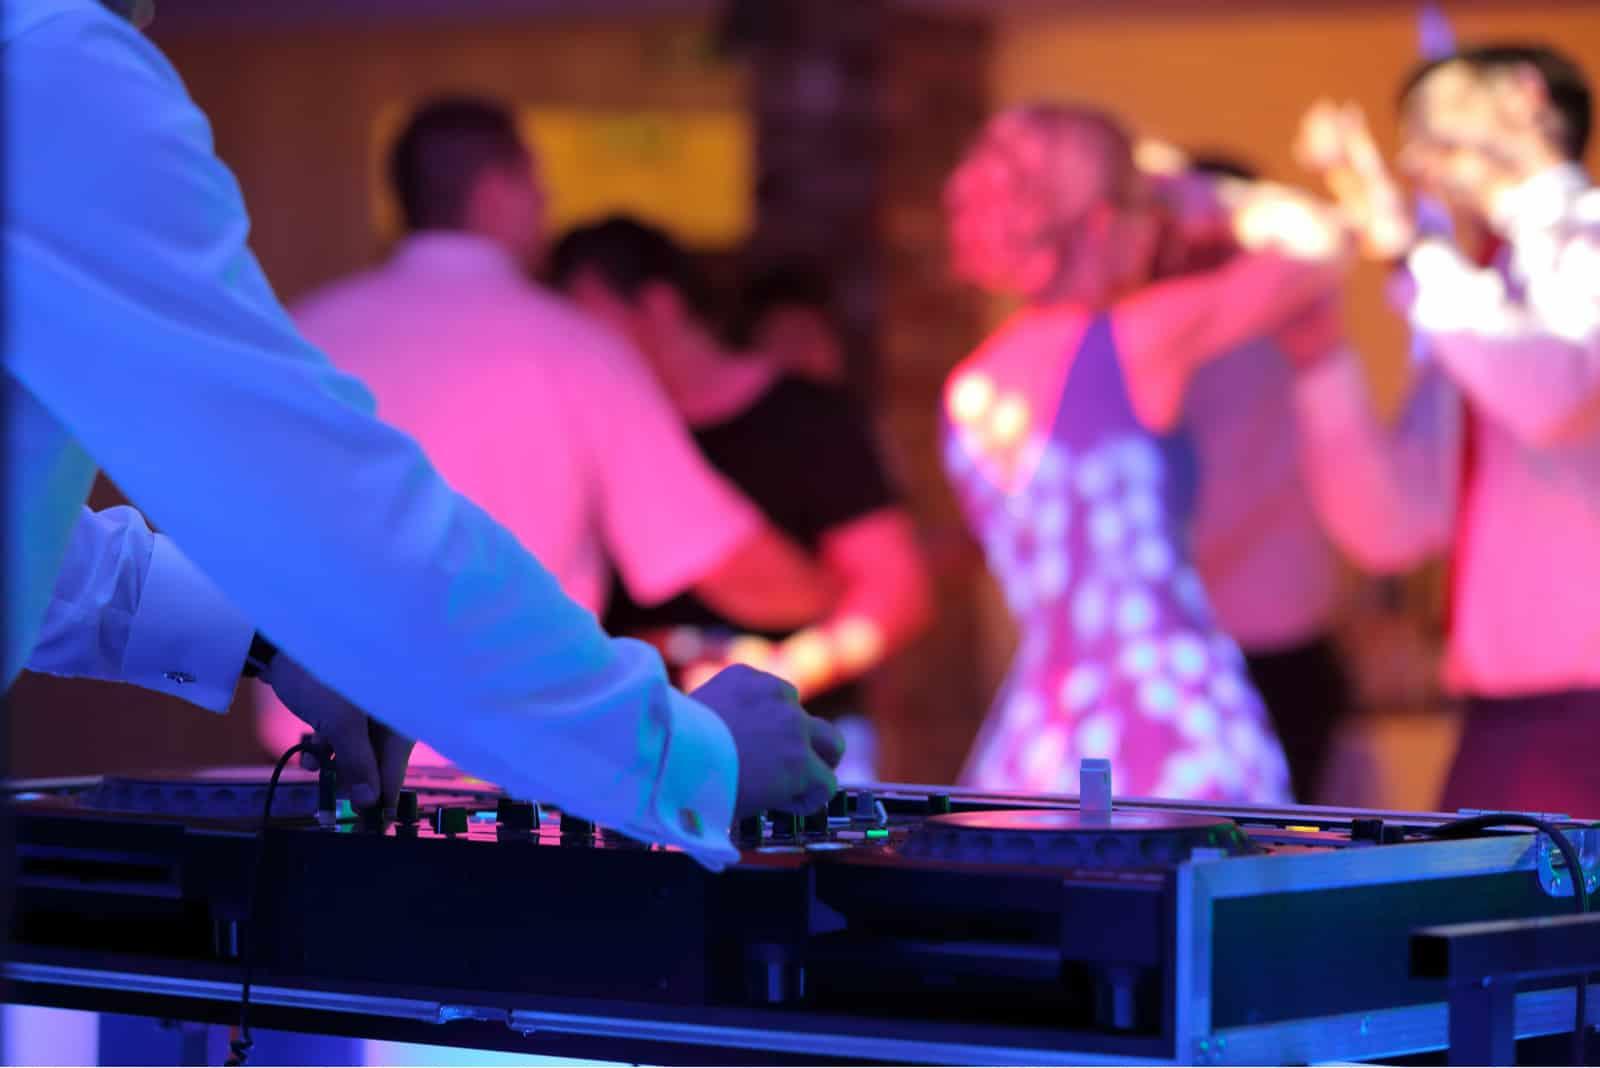 Hochzeitsfeier der tanzenden Paare